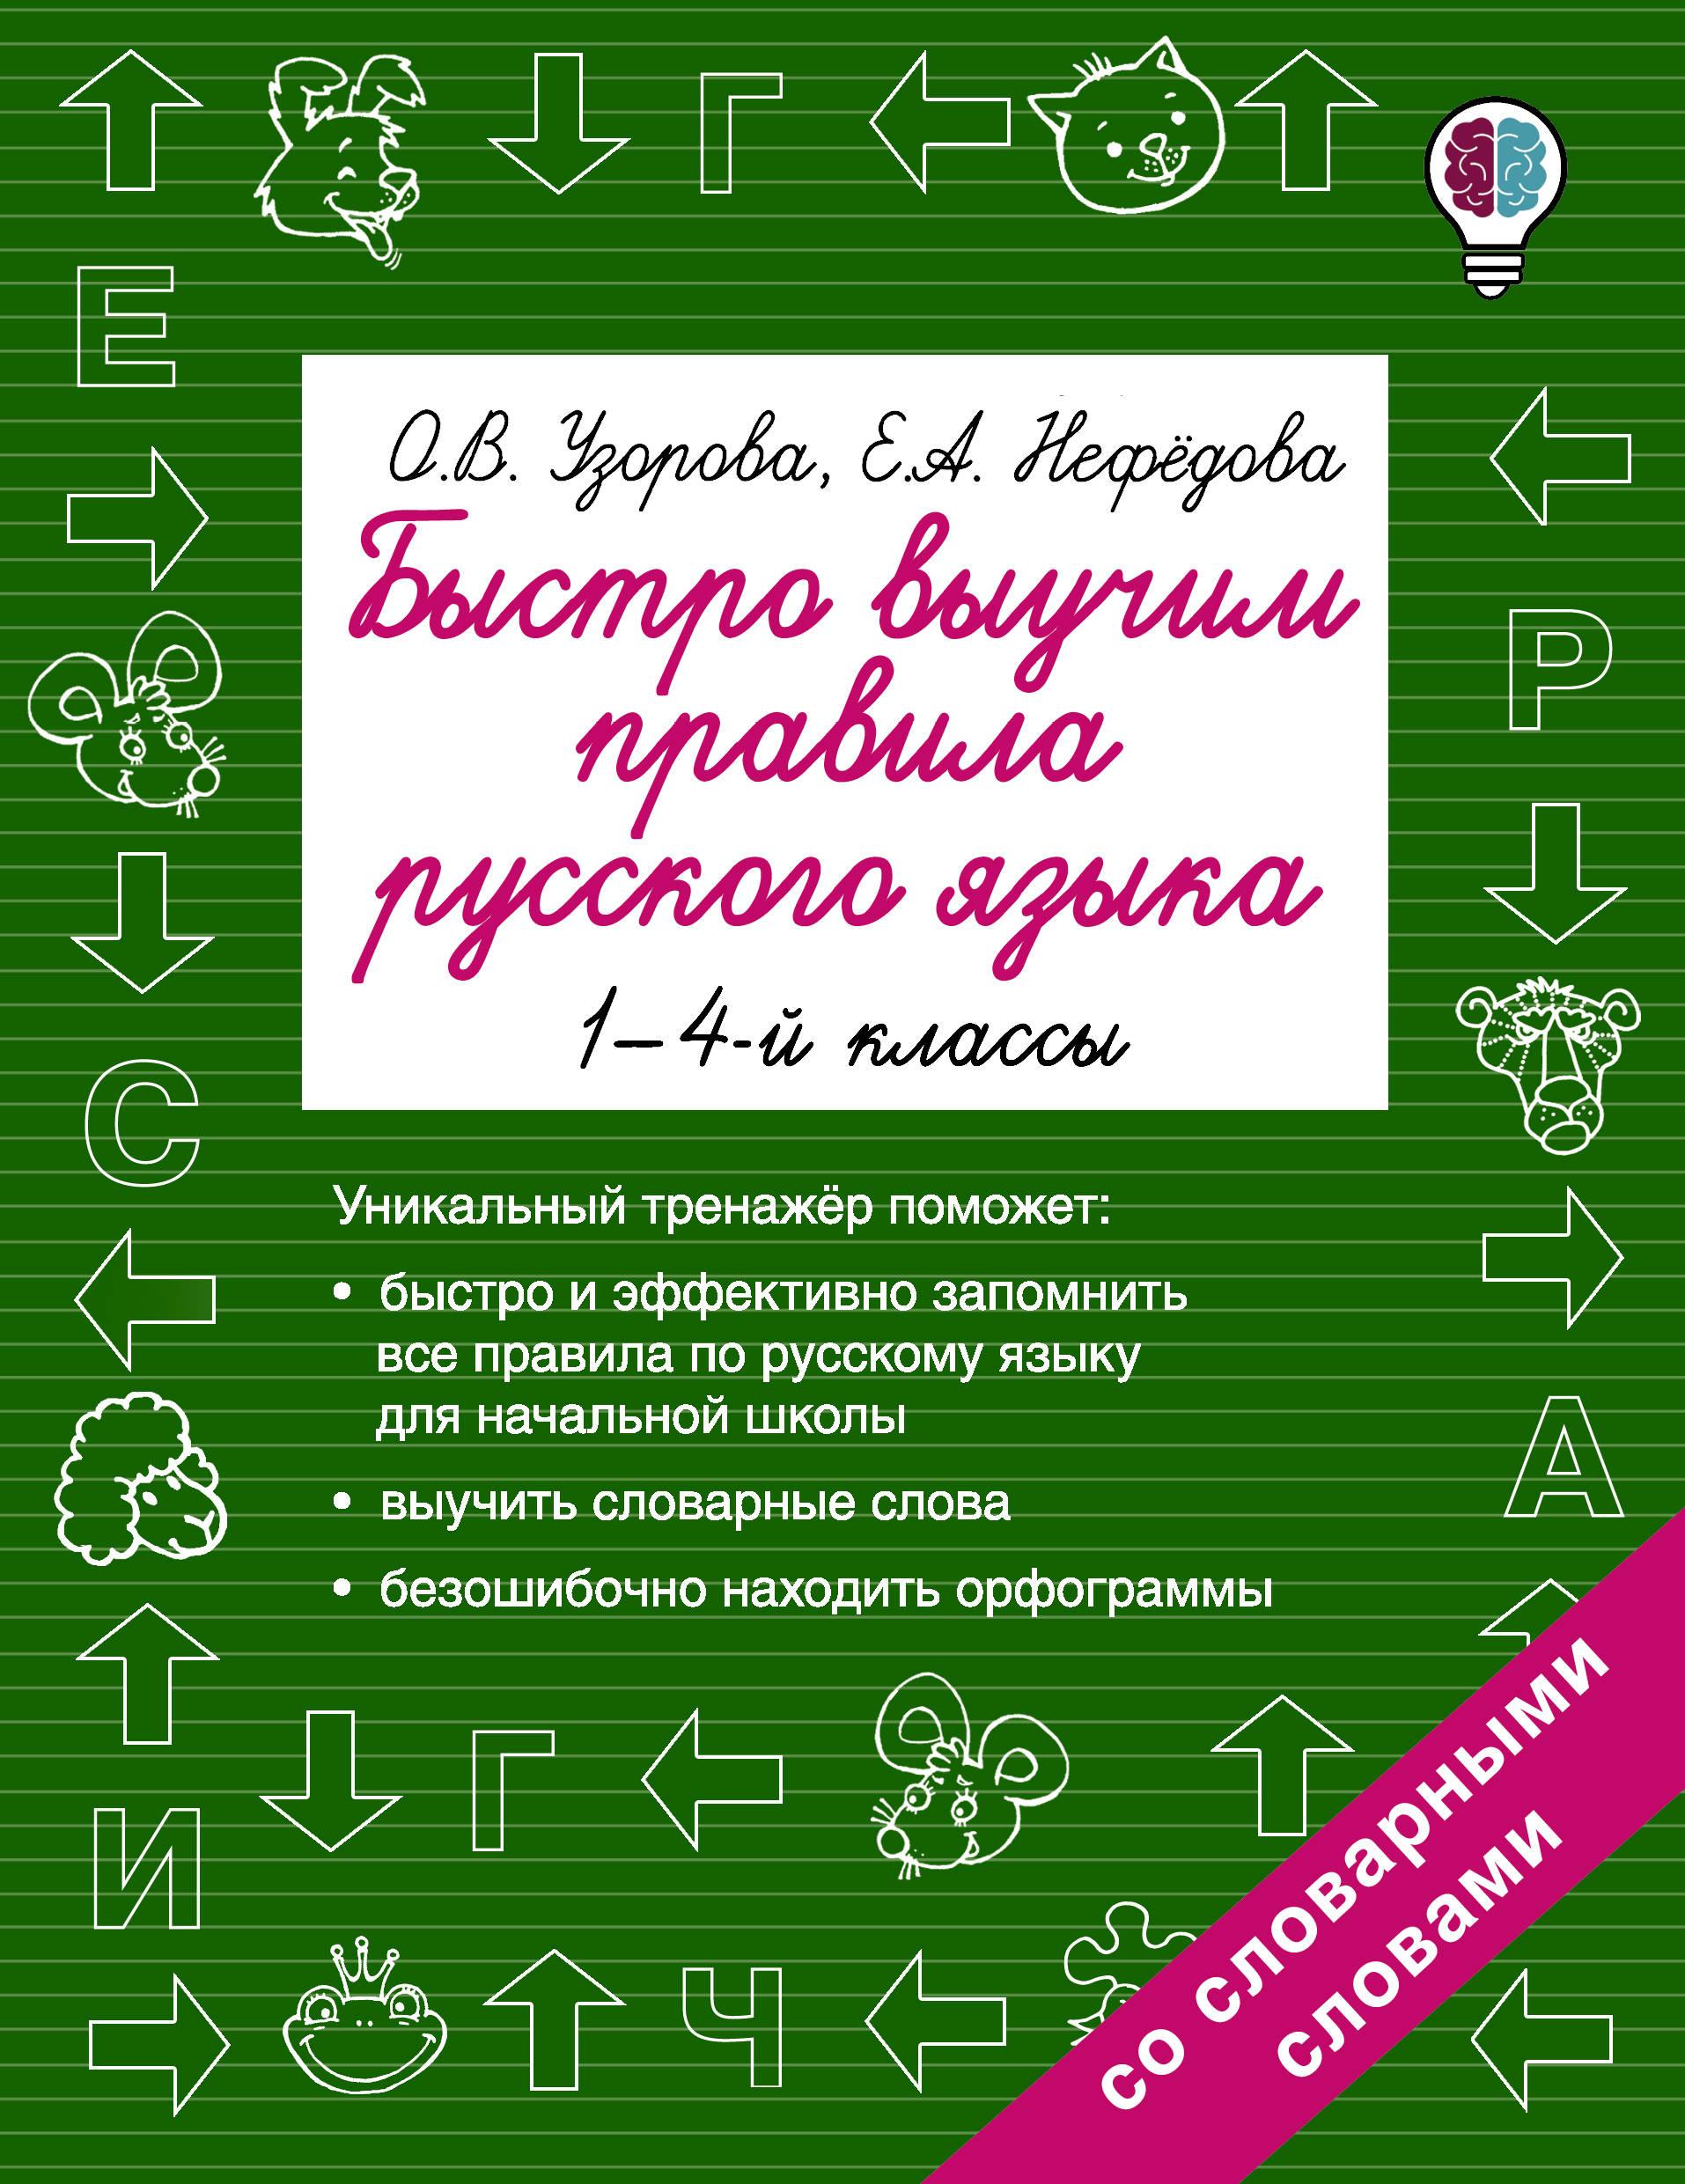 О. В. Узорова, Е. А. Нефедова Быстро выучим правила русского языка. 1-4 классы о в узорова самый быстрый способ выучить правила английского языка 2 4 классы